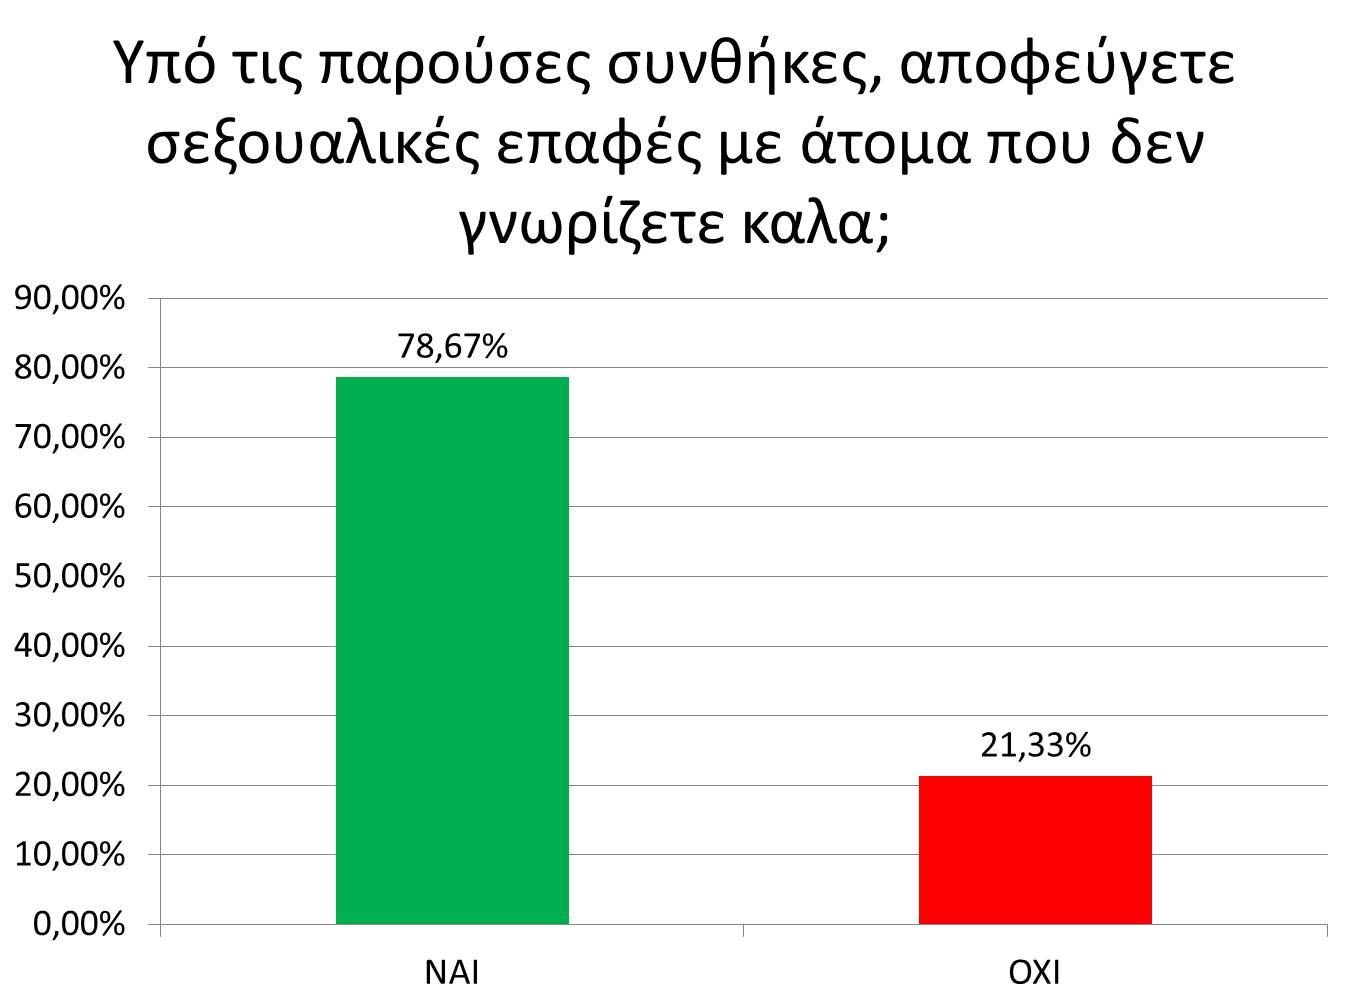 grafima 1 6